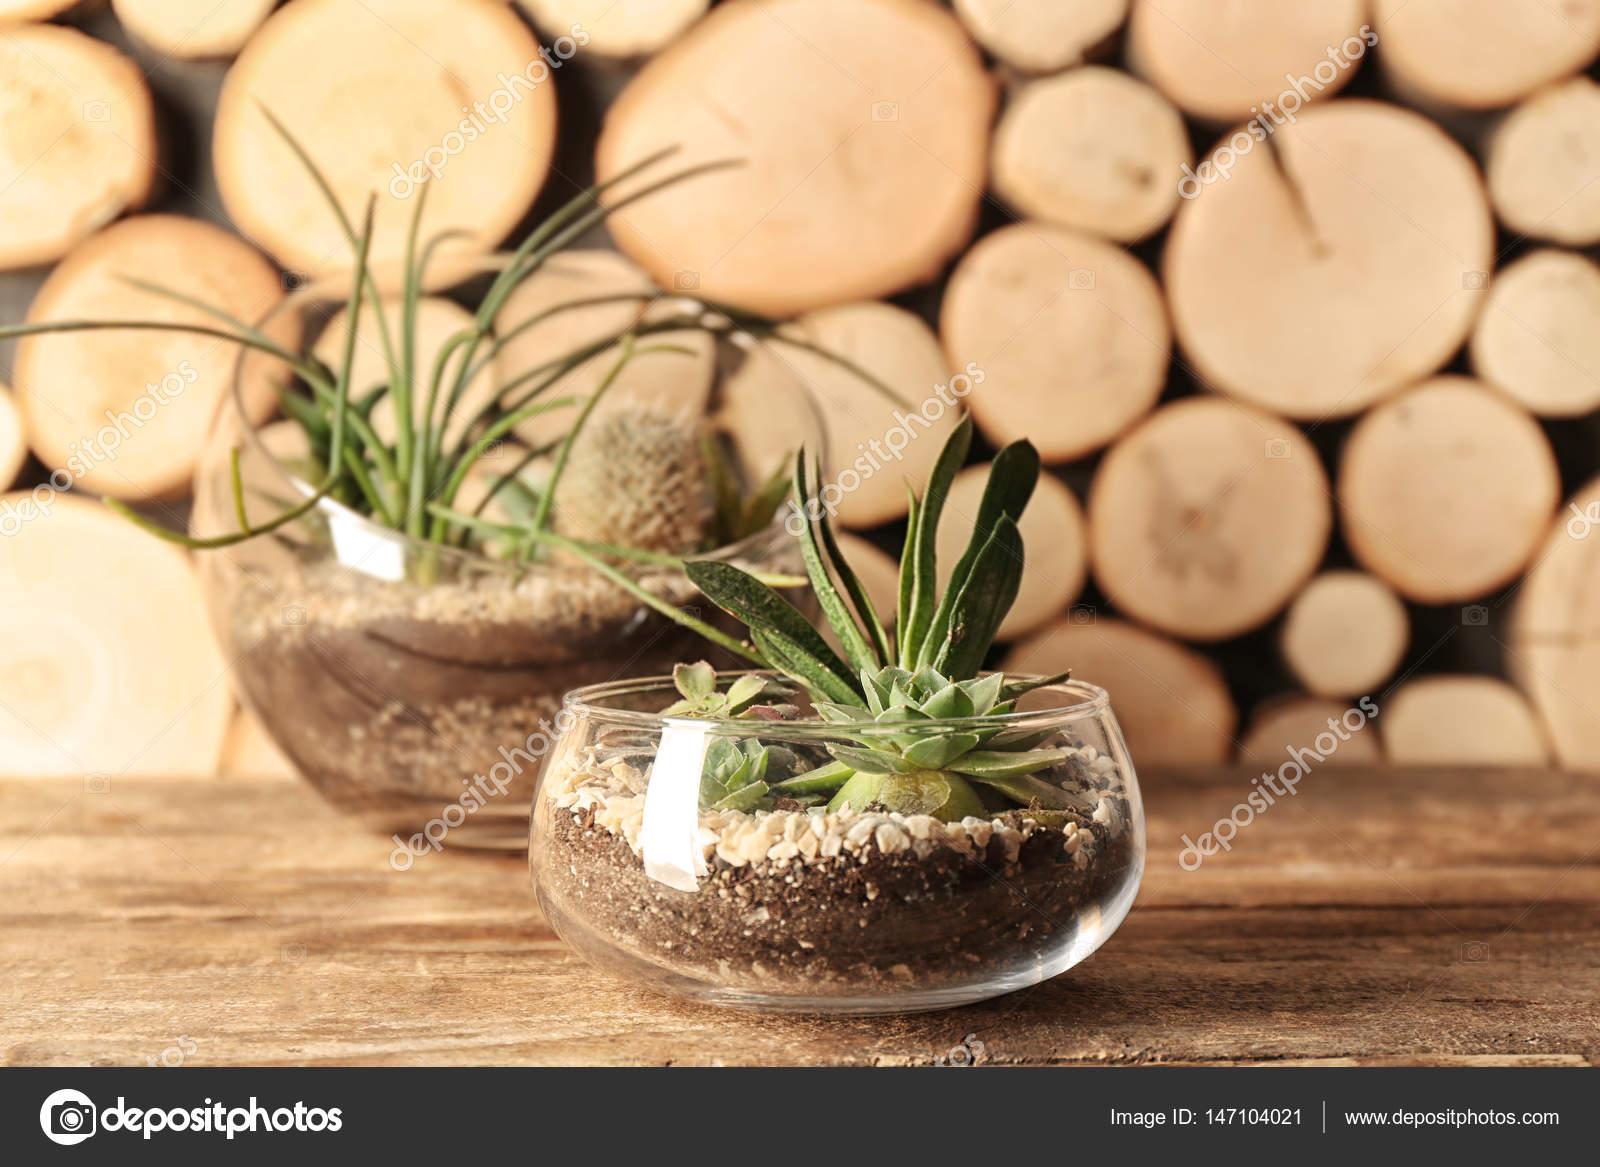 Composizione Piante Grasse In Vaso Di Vetro.Vasi Di Vetro Con Piante Grasse Foto Stock C Belchonock 147104021